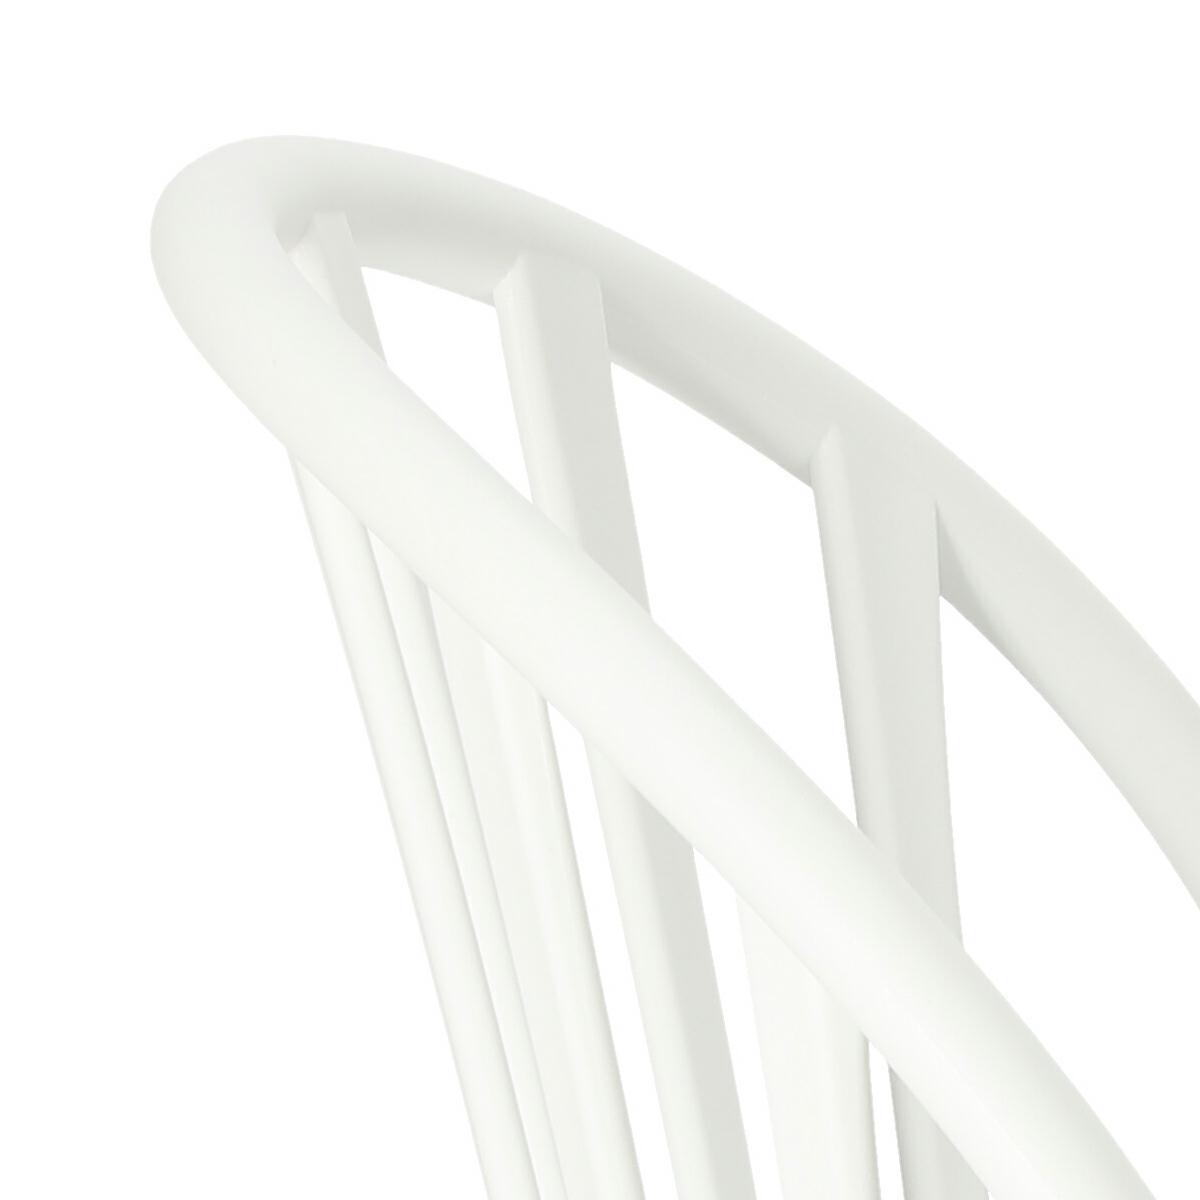 Krzesło Sirena białe - zdjęcie nr 12